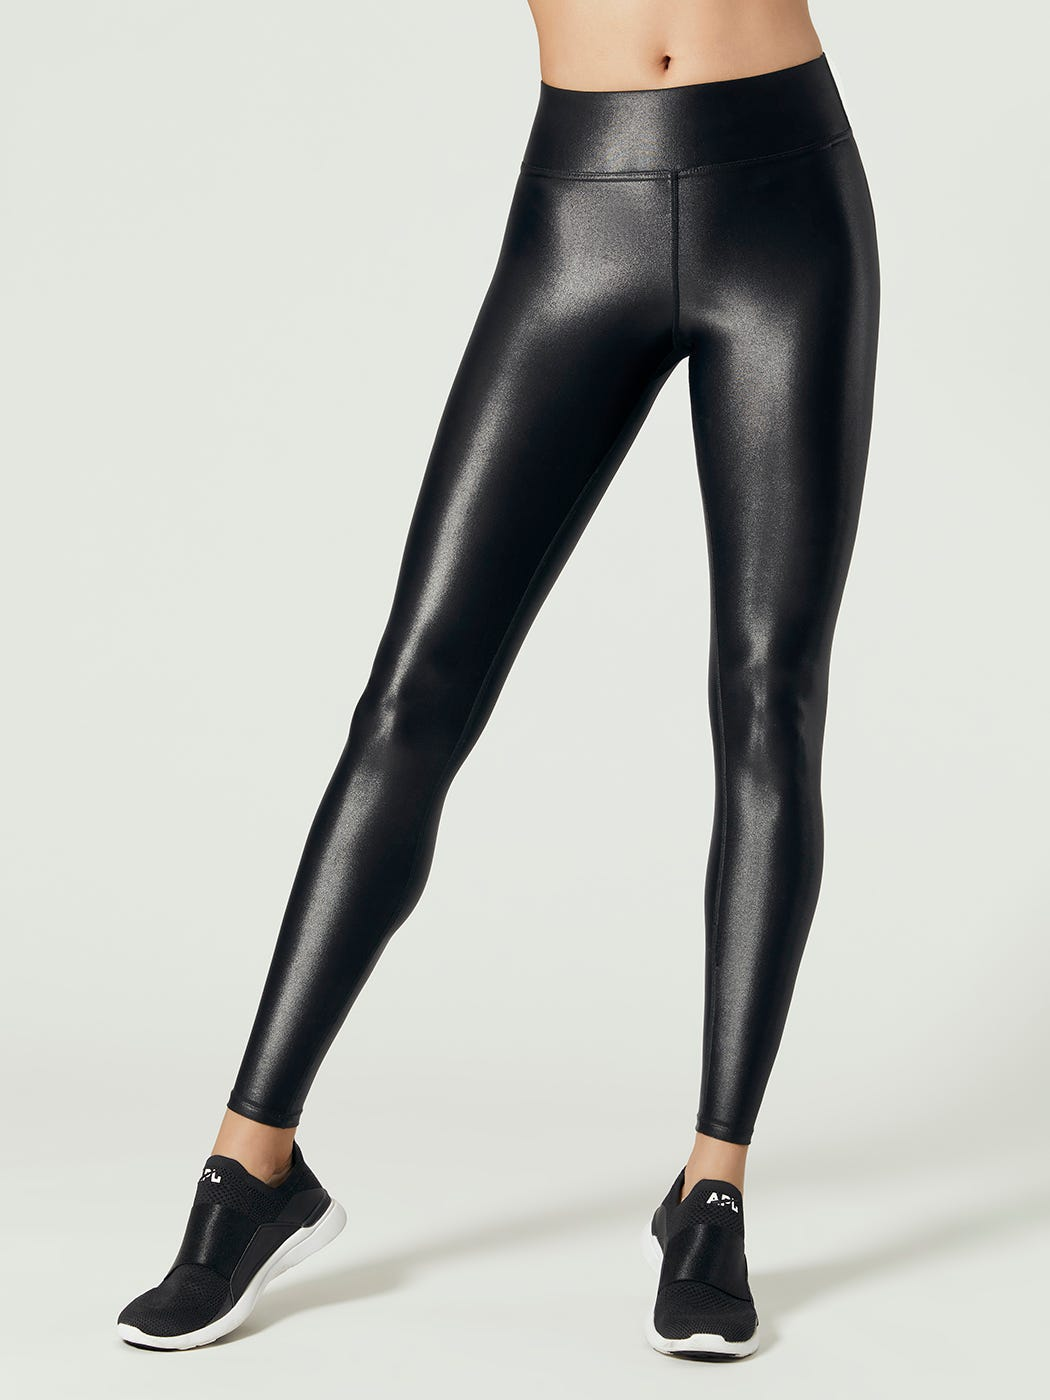 1fda9124e004d4 Best Black Leggings - Reviews On Top Brands & Styles